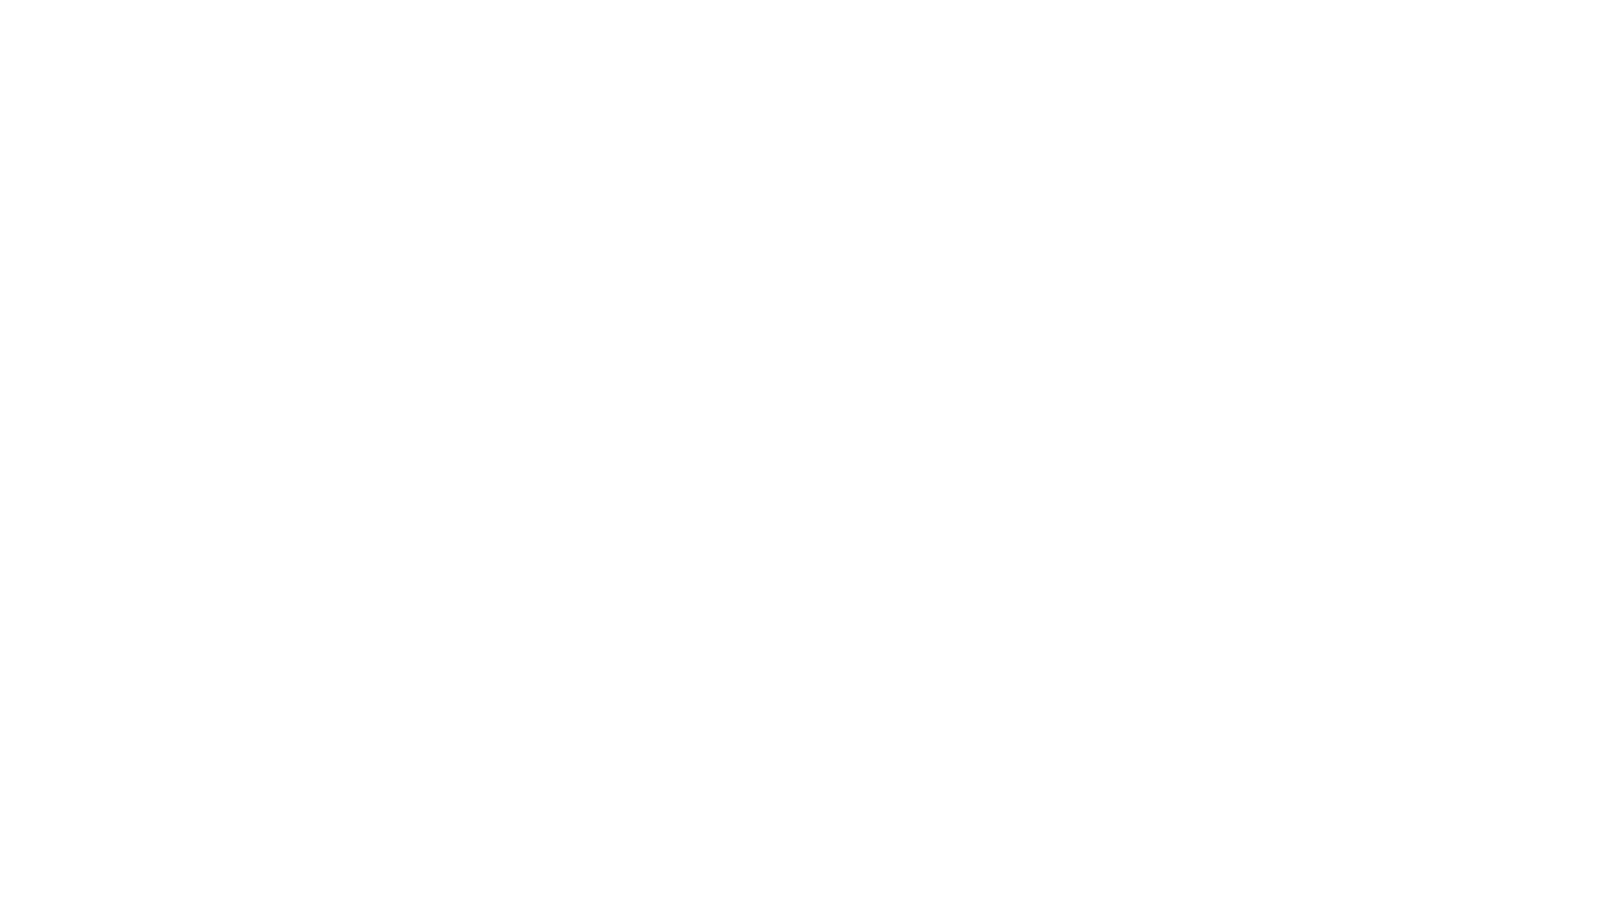 Le audionews di Ondawebtv👩💻#lenotizieinpositivo🔖19 gennaio 👉E' Procida la Capitale italiana della Cultura 2022 👉Il nuovo Vescovo di Caserta Pietro Lagnese si presenta alla città 👉Università Vanvitelli. Seminario online 👉Alessia Pontillo, la sua prima cover è su Instagram  👉Rubrica: Fatti e luoghi del territorio. Il dipinto di Giuseppe Ronzi alla Reggia 🌼Buon ascolto con le imperdibili pillole di informazione culturale made in Caserta!